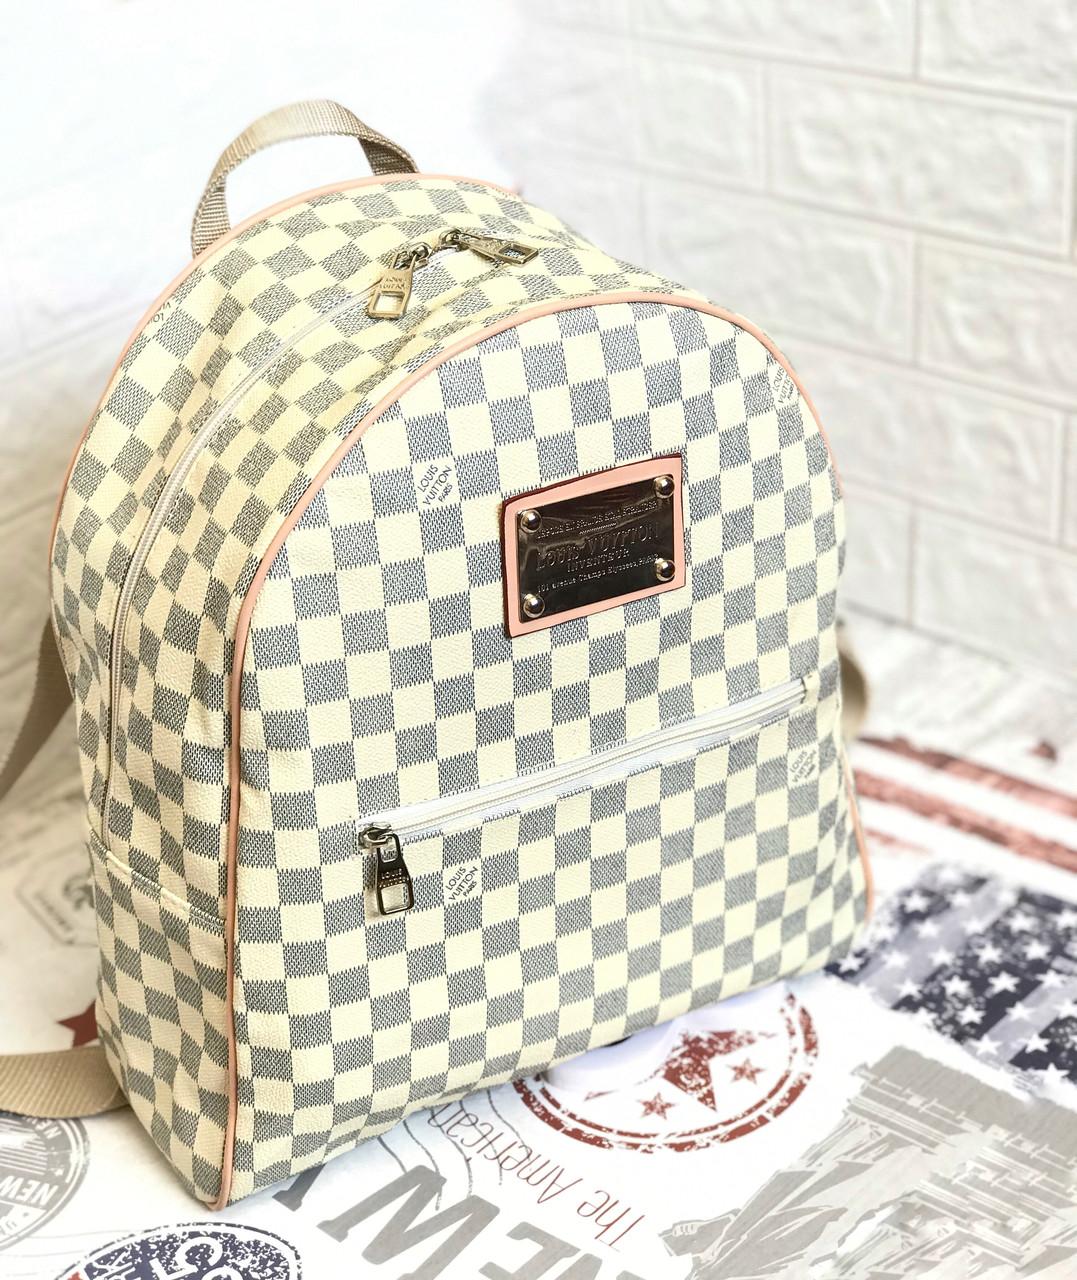 Рюкзак большой городской школьный   Louis Vuitton  (реплика Луи Витон) LV ,белый